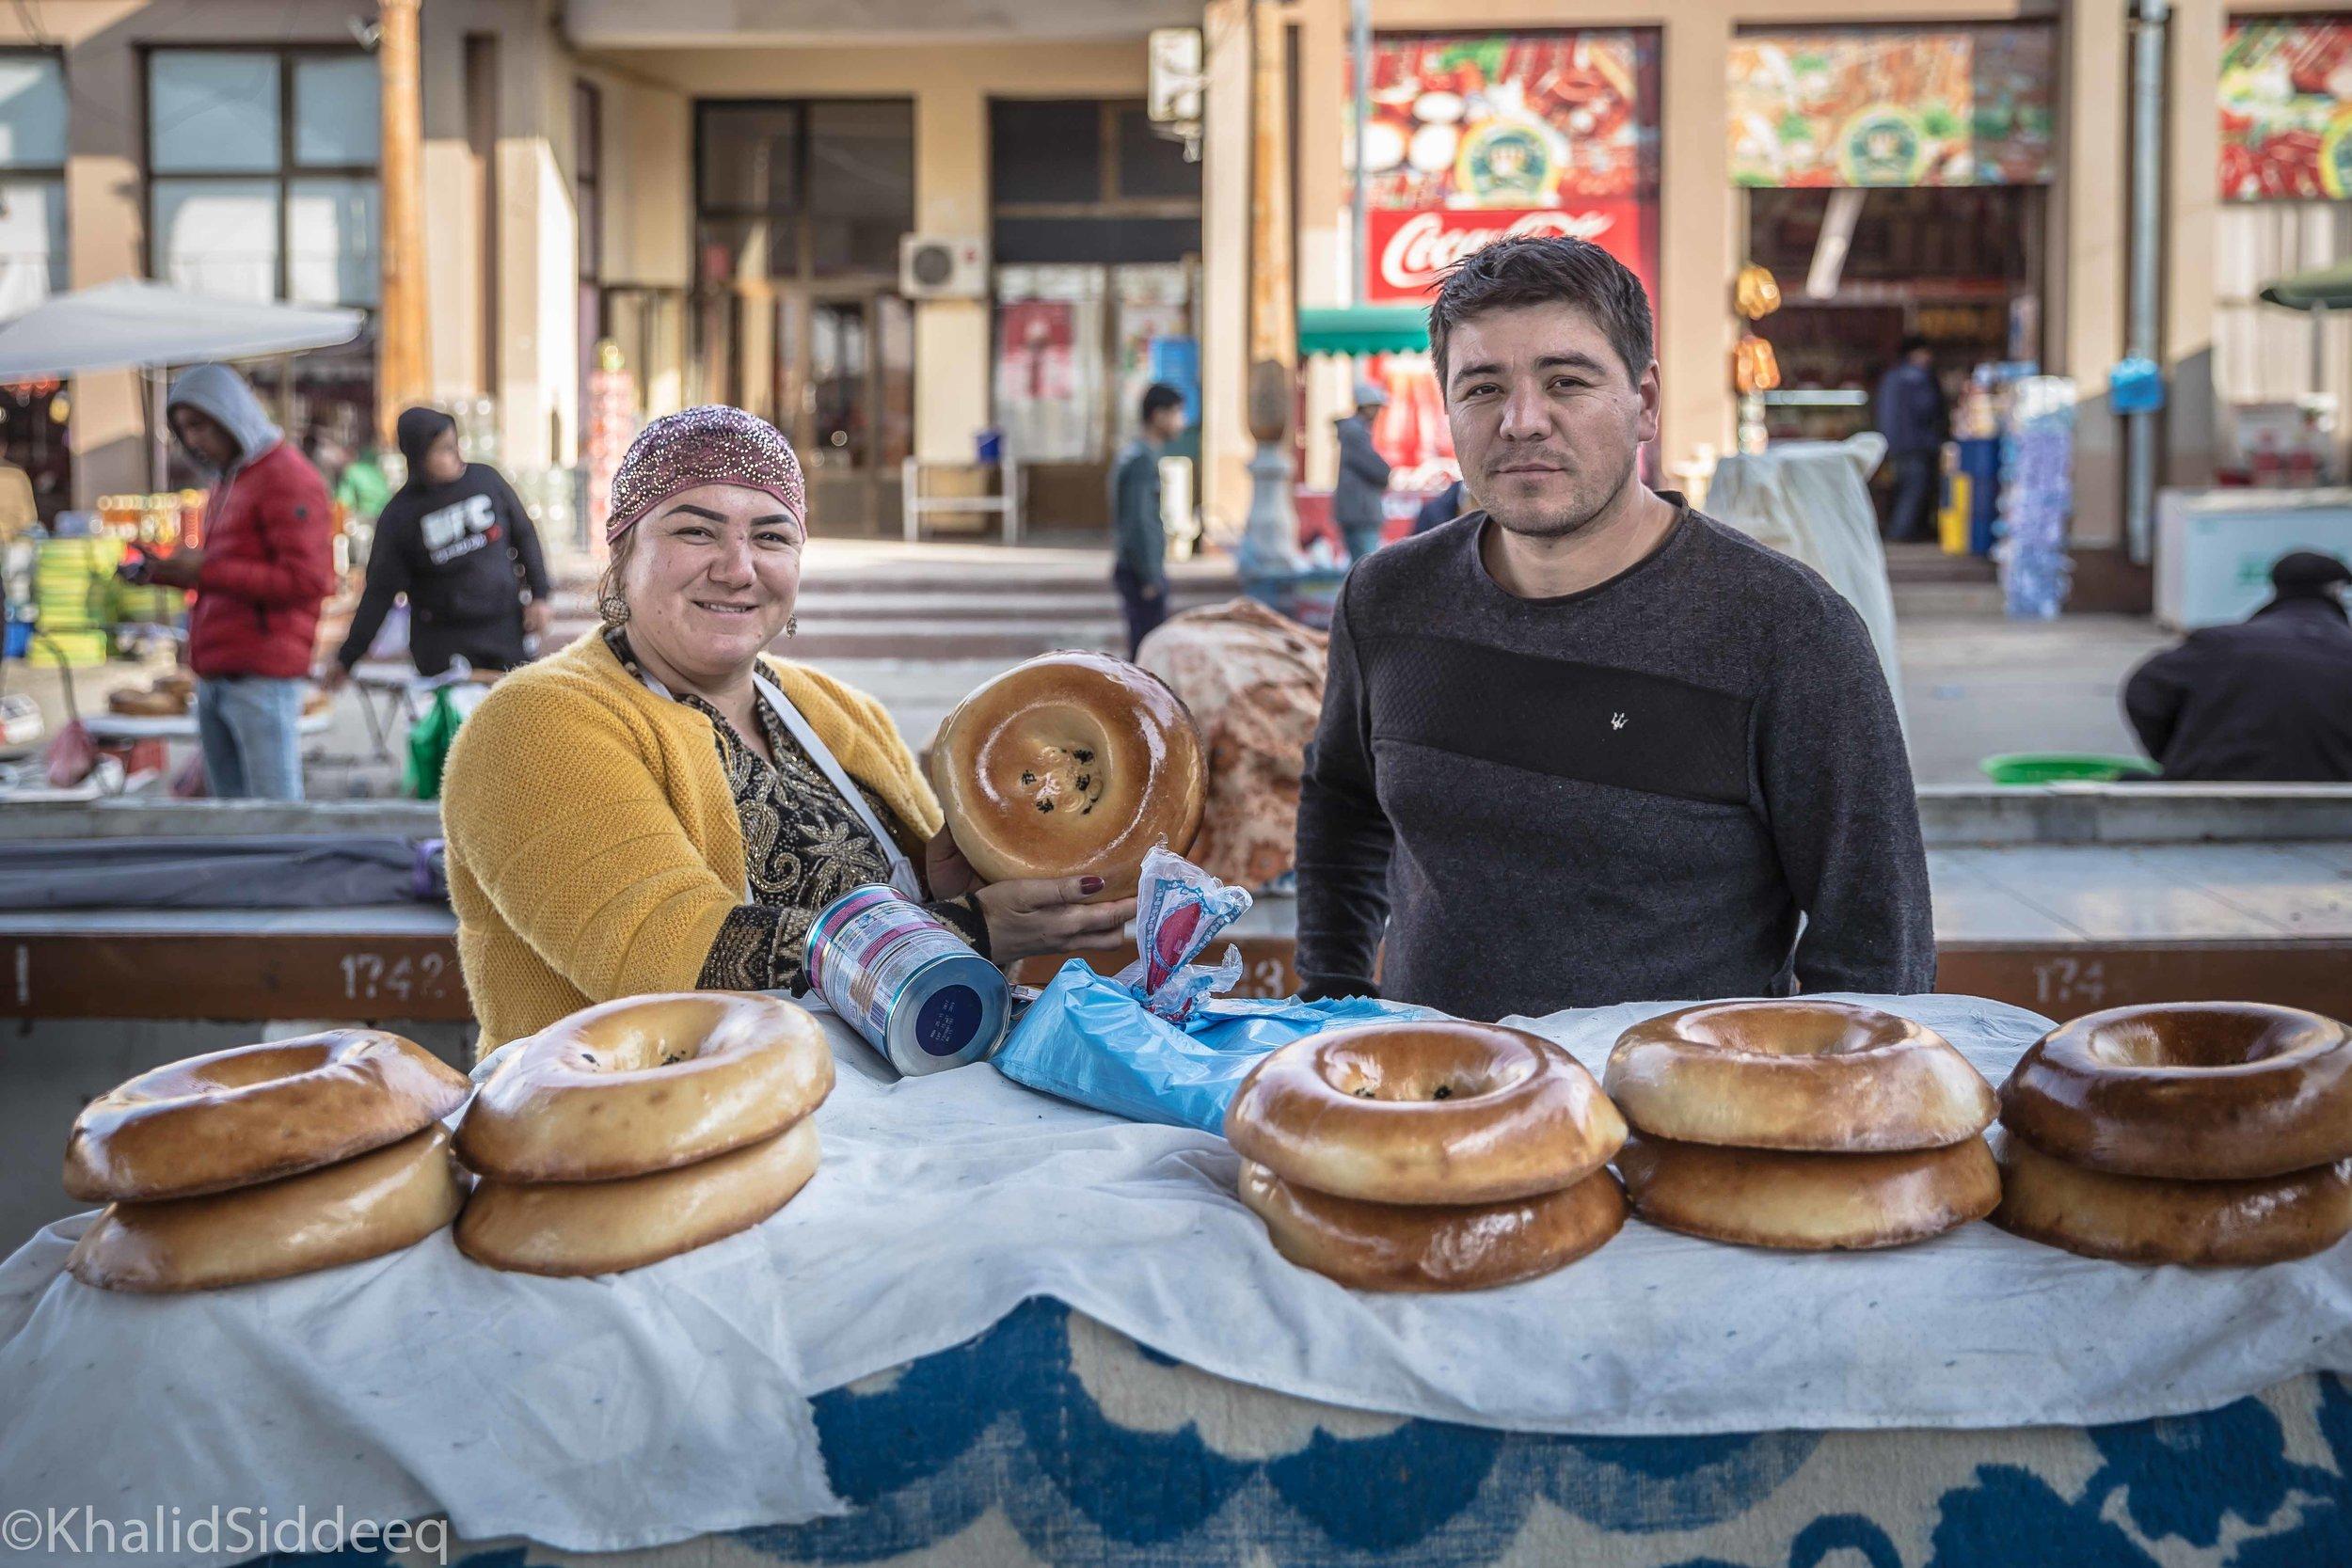 بائعي الخبز، سمرقند، أ،وزباكستان